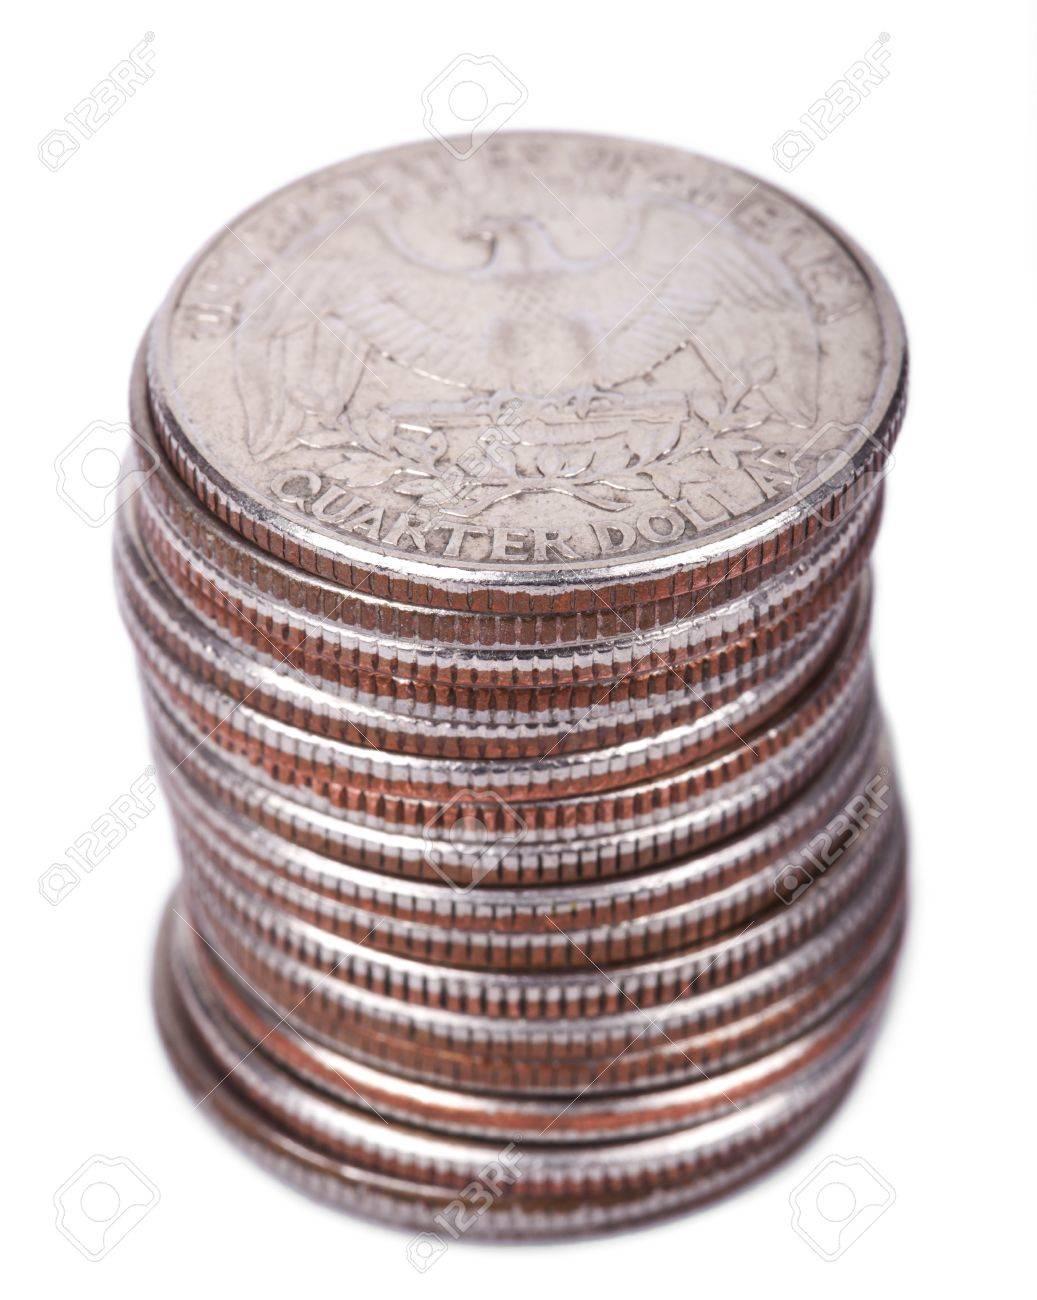 Ein Stapel Von 25 Us Cent Quartal Münzen Auf Weißem Hintergrund